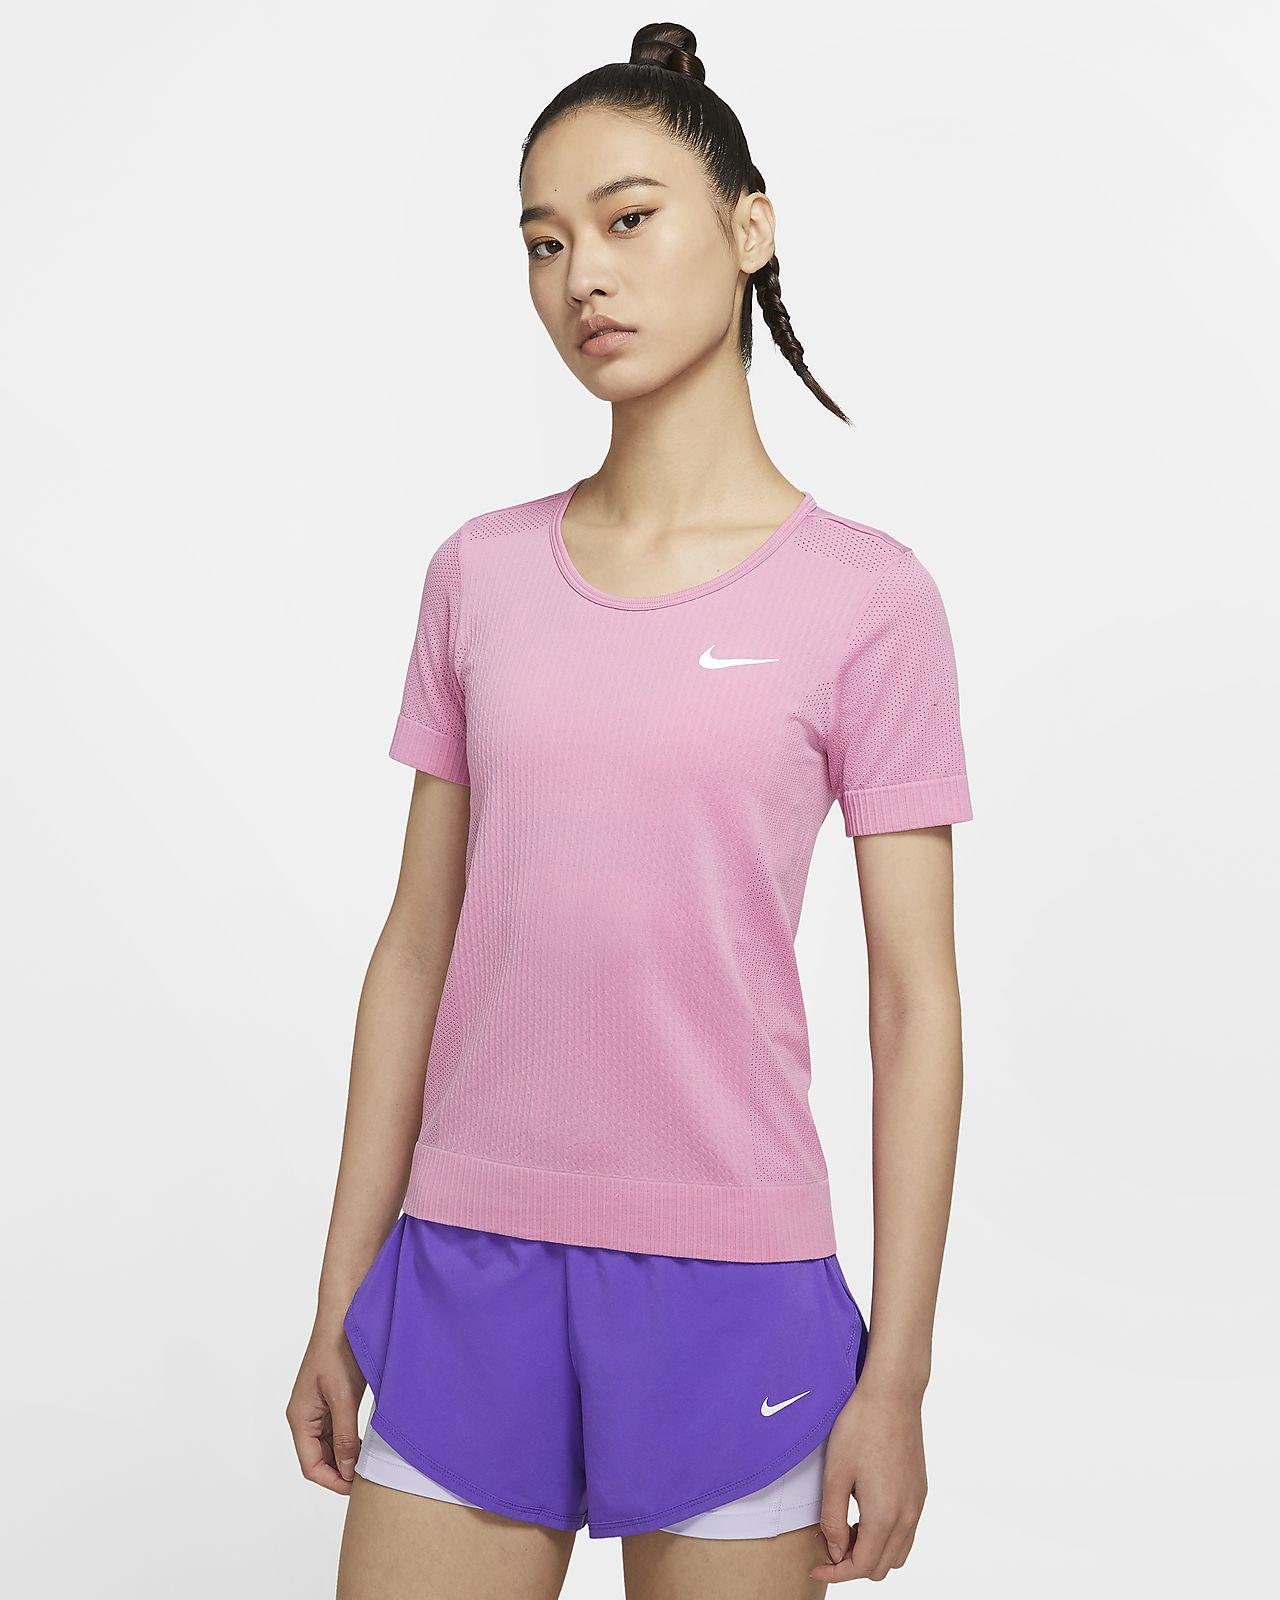 เสื้อวิ่งแขนสั้นผู้หญิง Nike Infinite